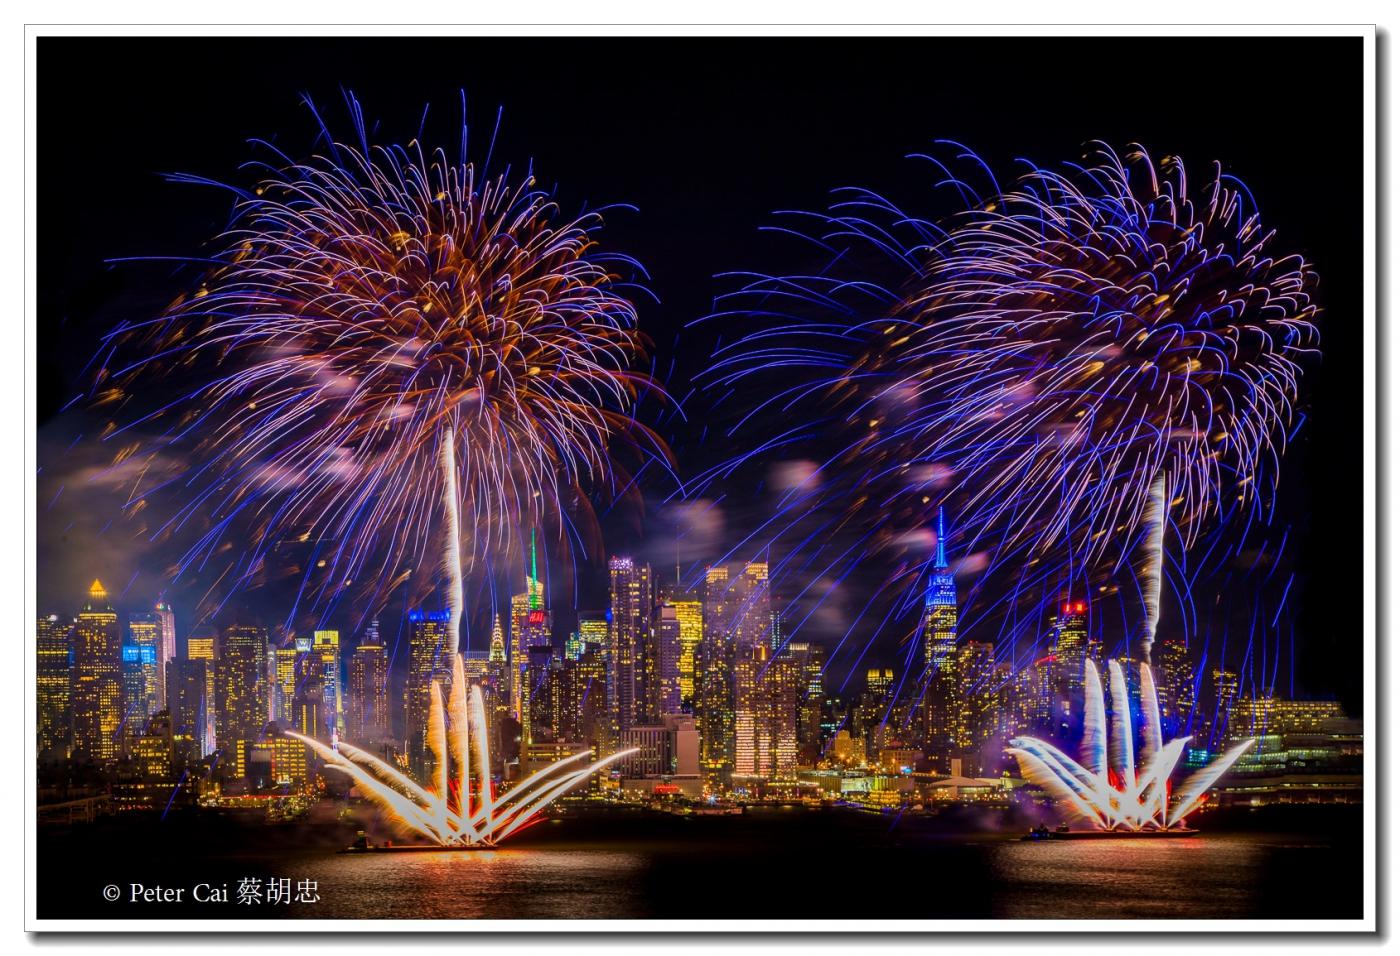 为庆祝中国新年, 纽约昨天晚上盛放焰火_图1-7